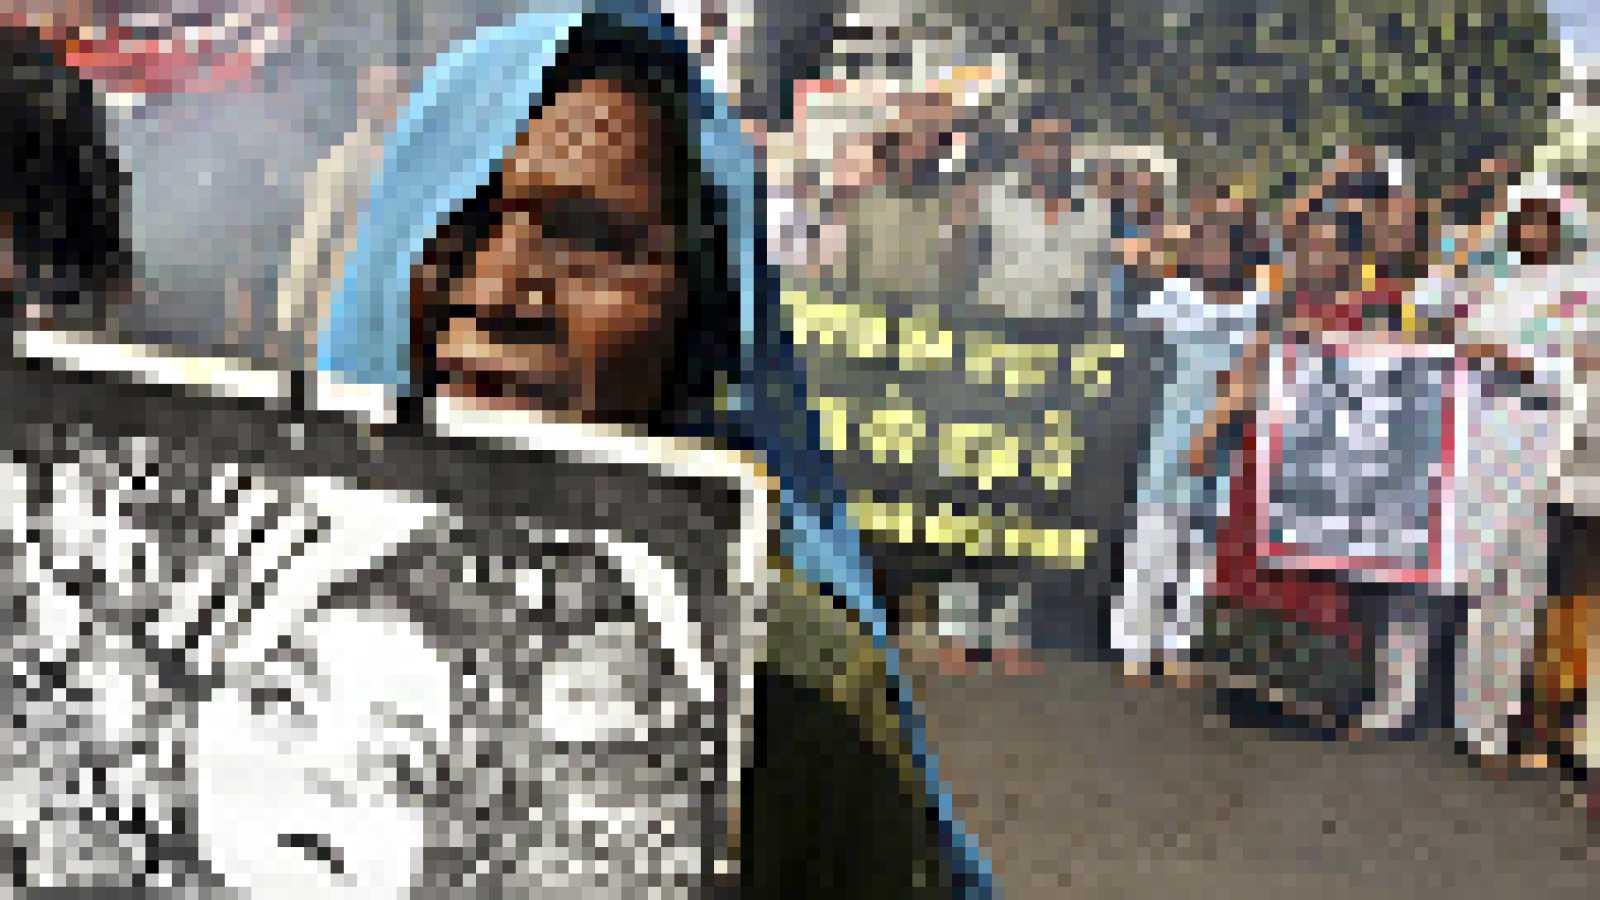 Países en conflicto - 30 años de Bhopal - 03/02/15 - Escuchar ahora